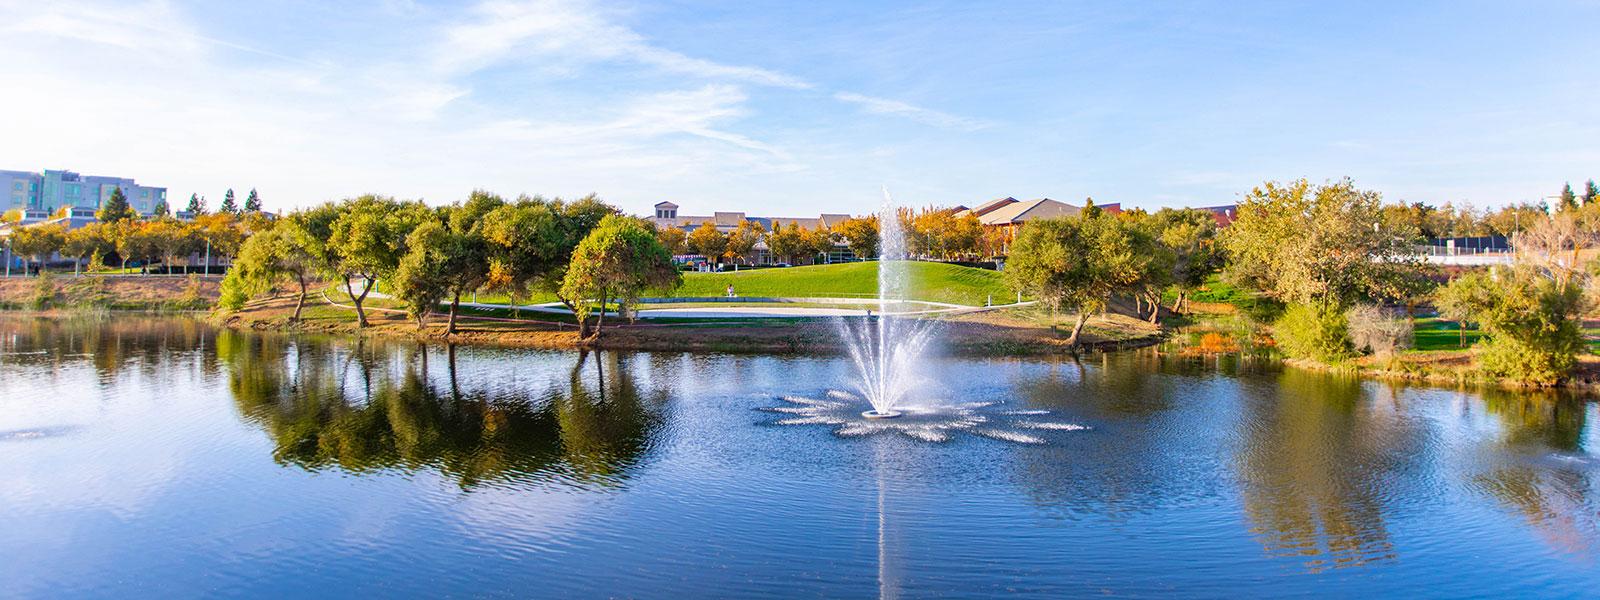 UC Merced Lake View